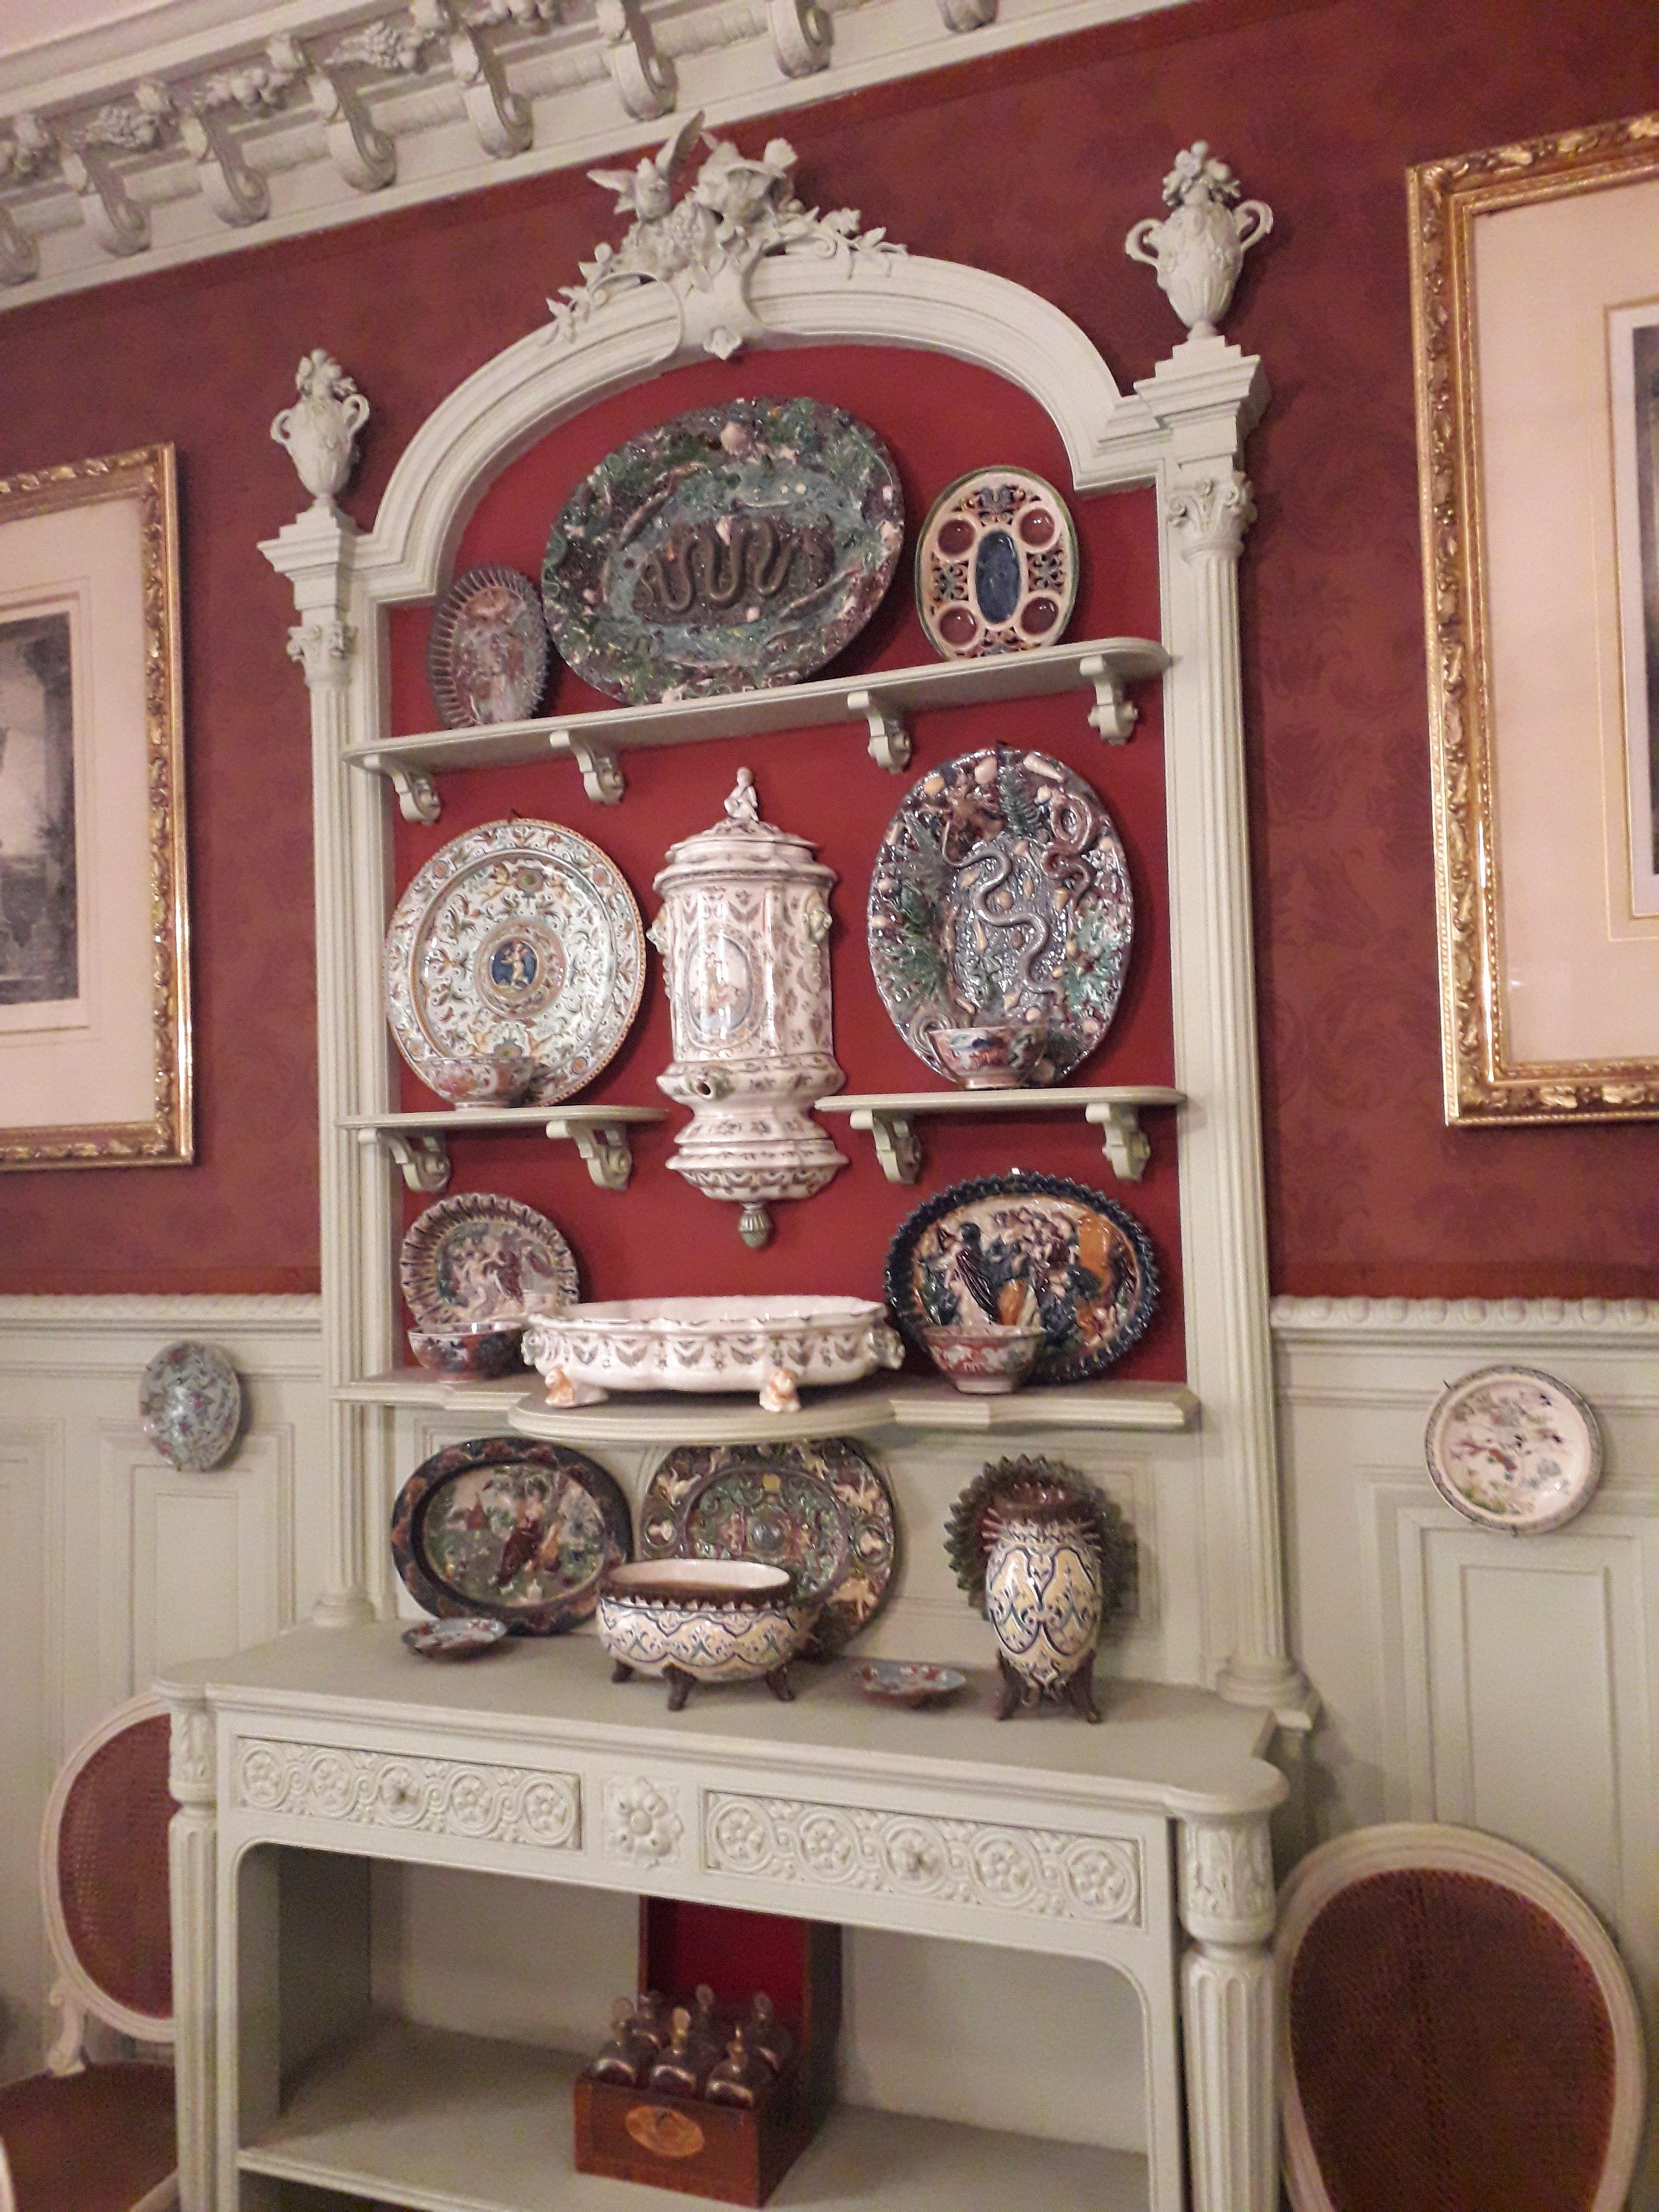 File:Musée Gustave-Moreau, salle à manger, vaisselier et vaisselle ...